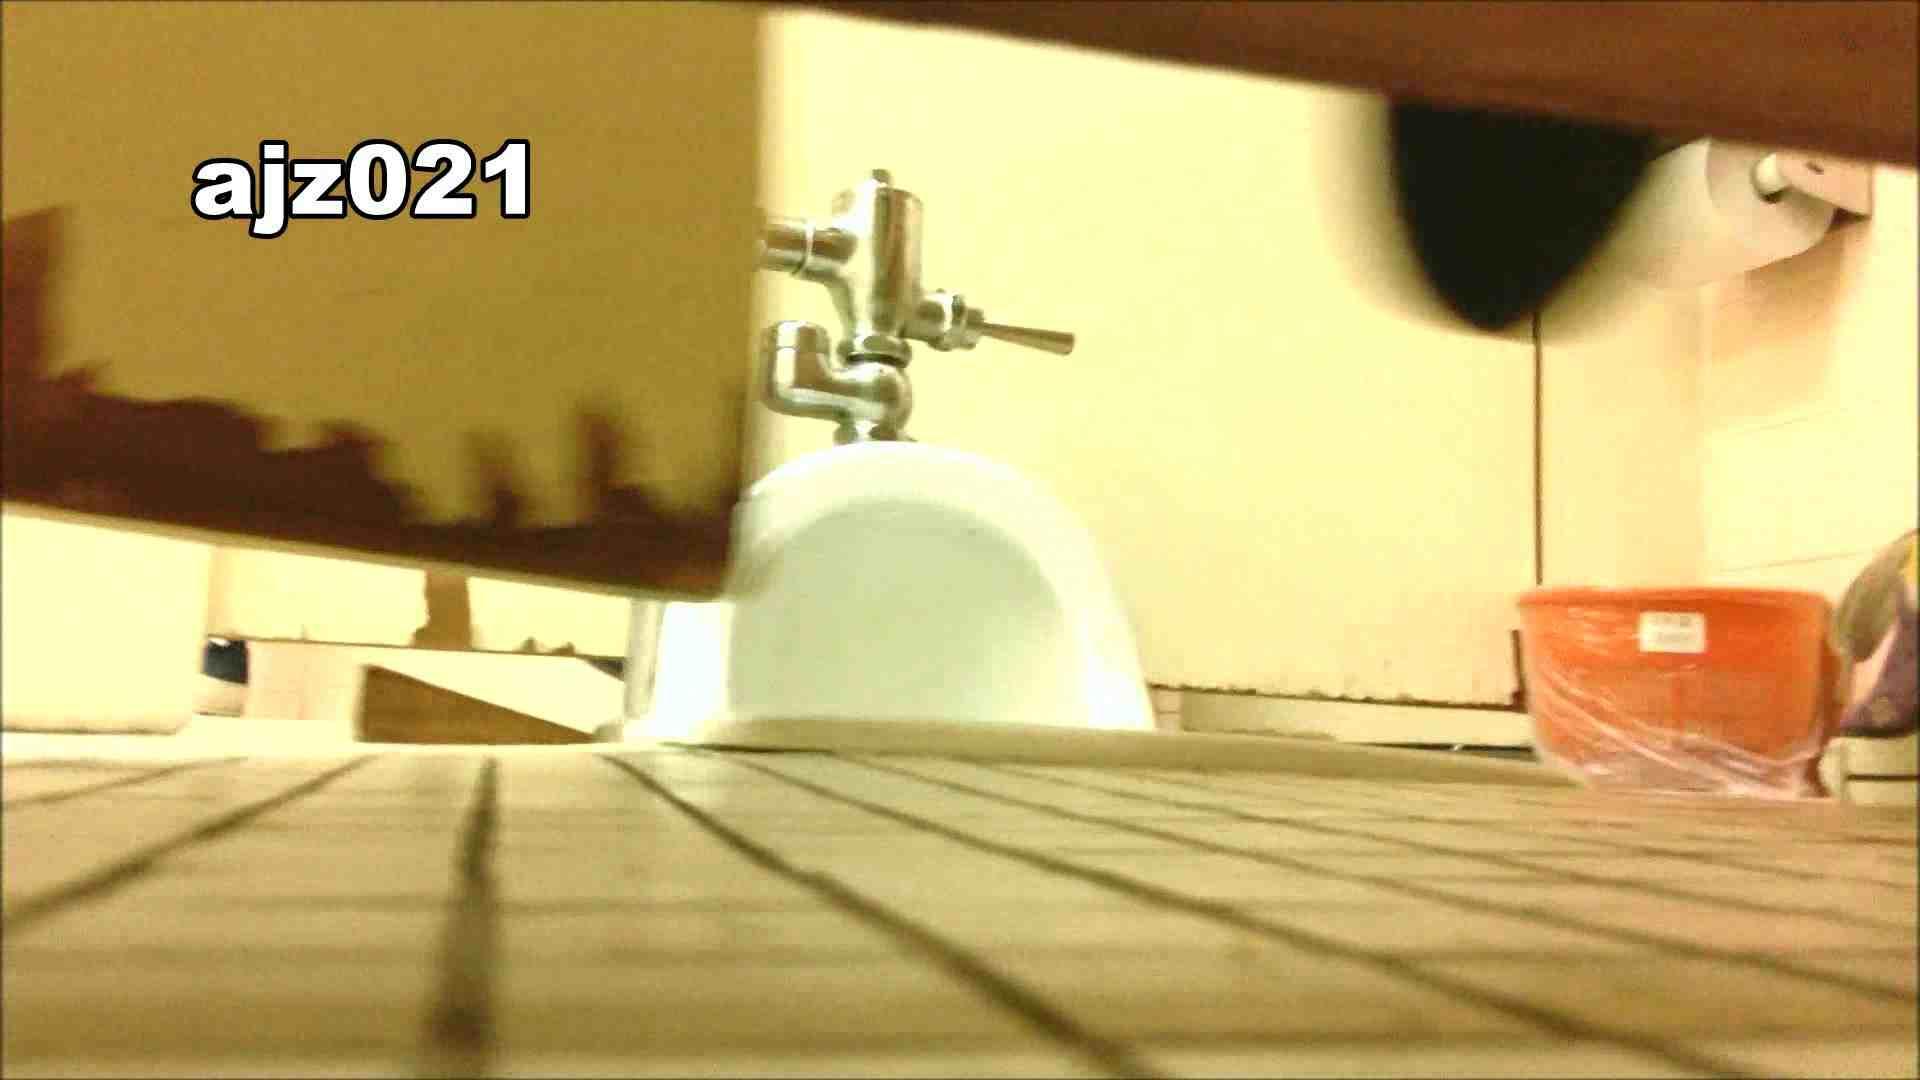 某有名大学女性洗面所 vol.21 和式トイレ すけべAV動画紹介 91pic 51